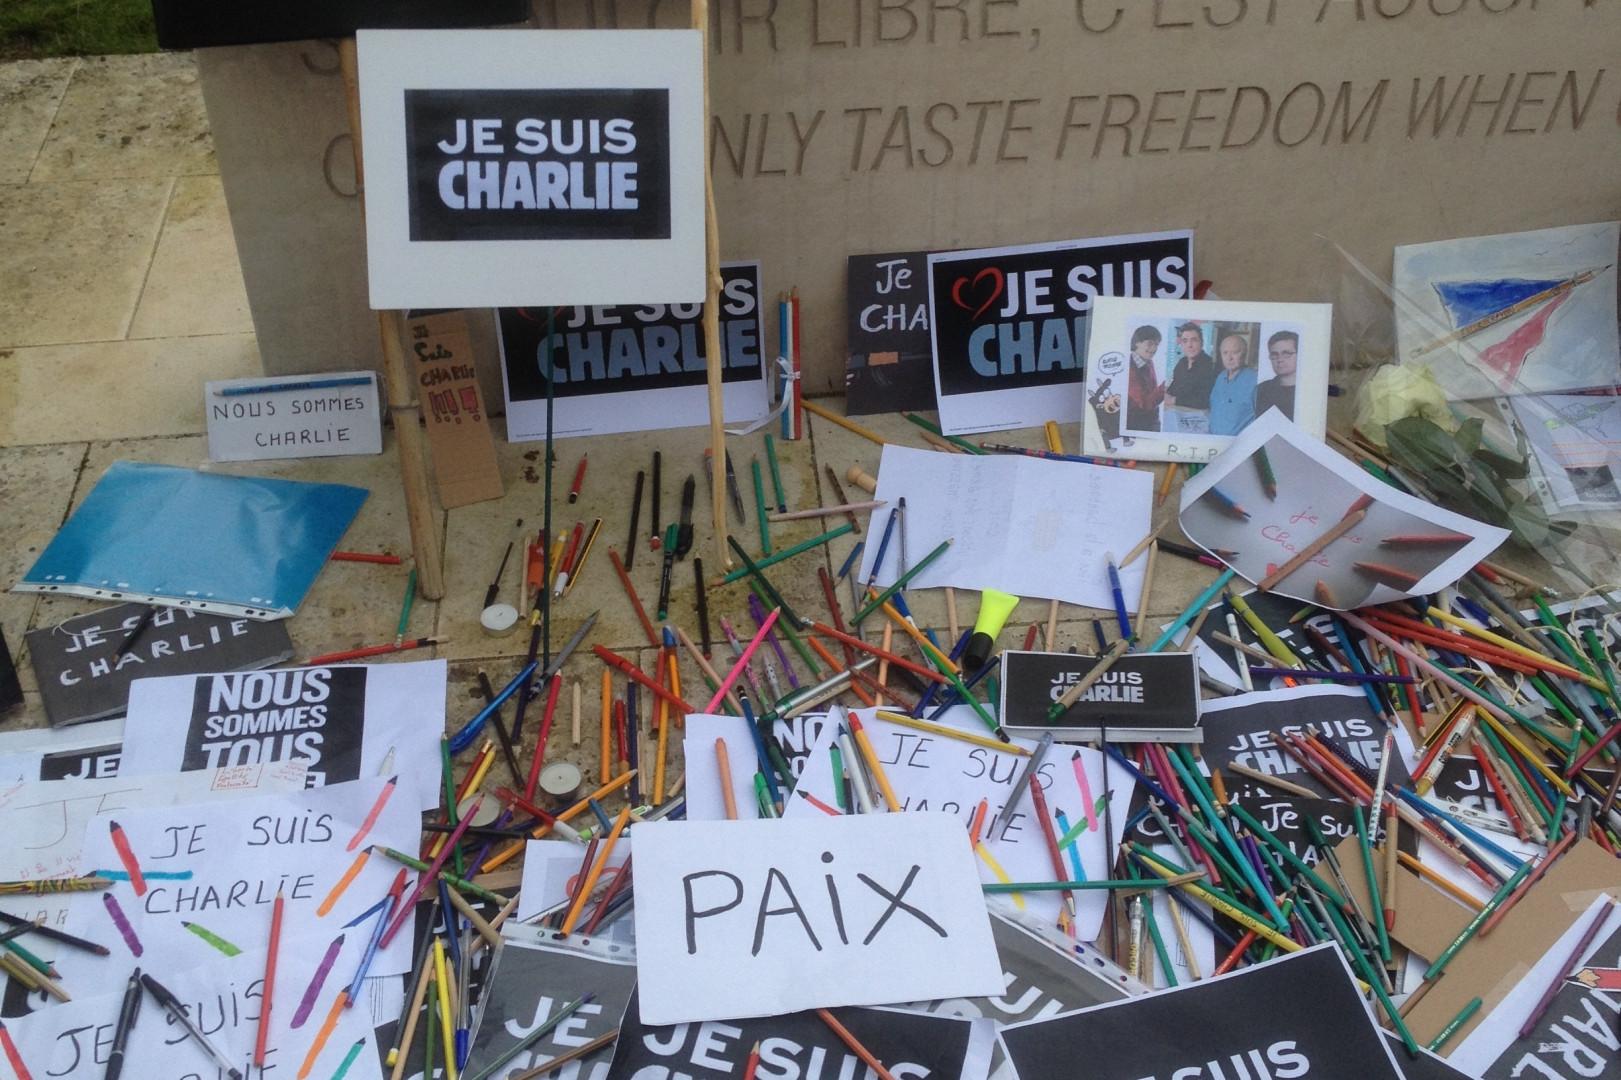 Charlie à Bayeux